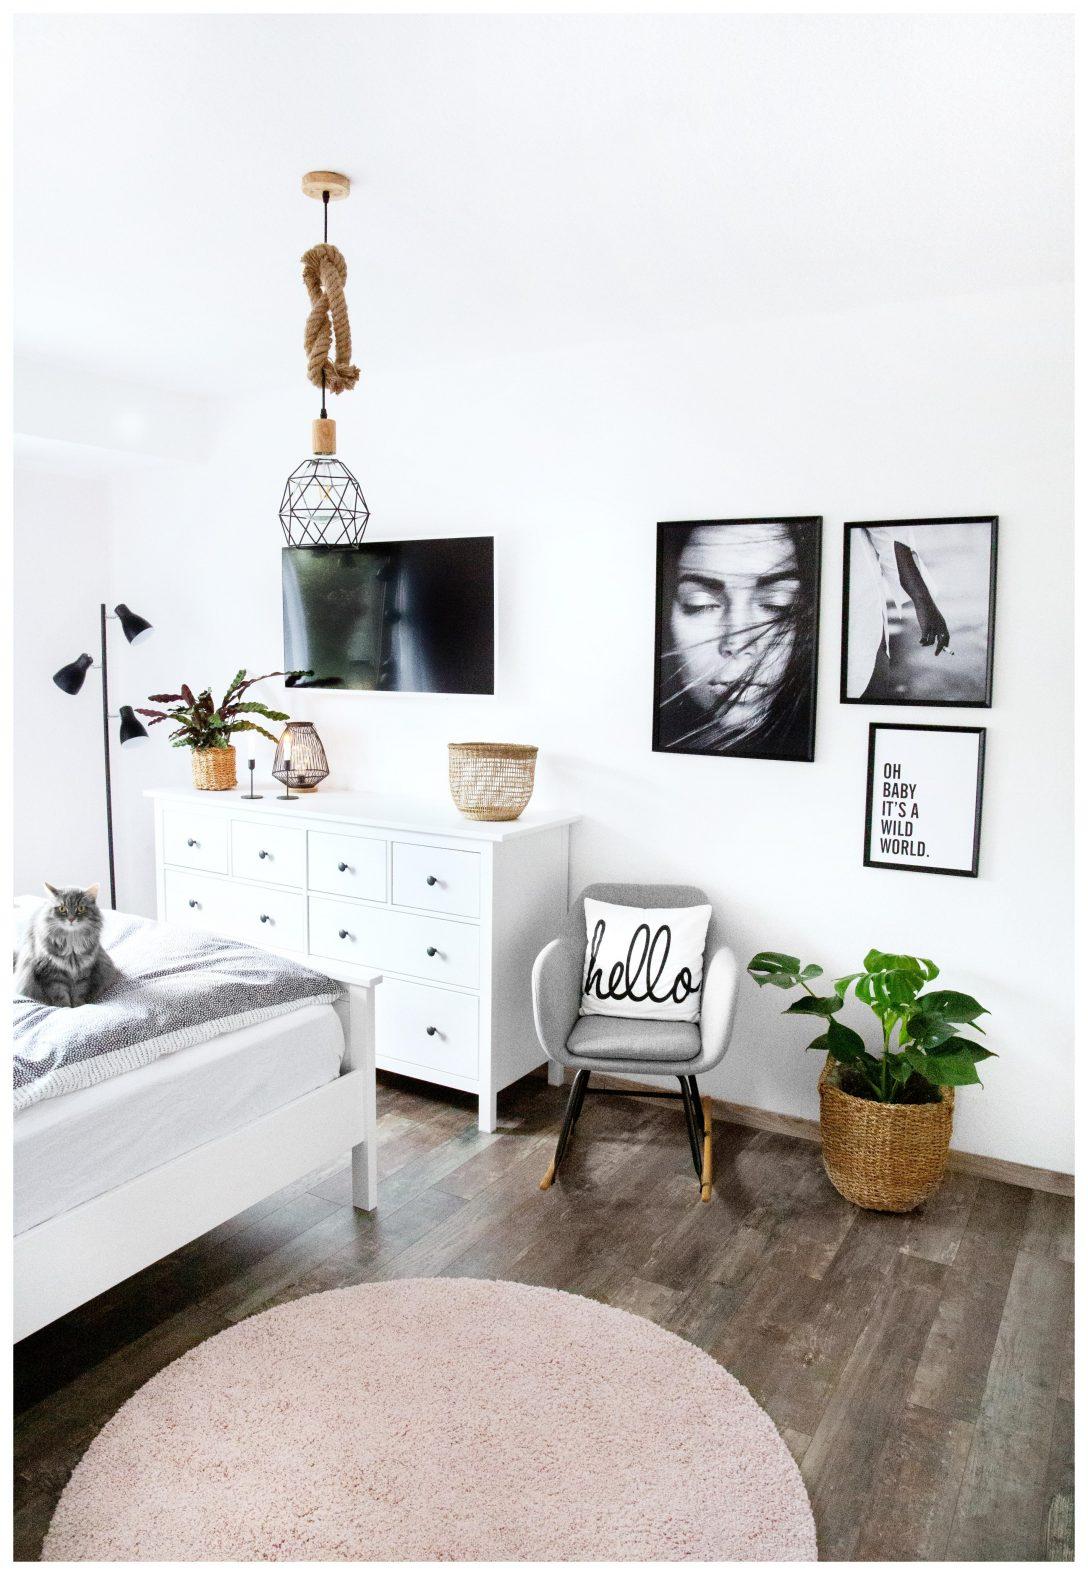 Large Size of Schlafzimmer Sessel Mein Günstige Komplett Sitzbank Guenstig Weißes Landhausstil Weiß Truhe Stuhl Für Rauch Günstig Wandlampe Wohnzimmer Teppich Schlafzimmer Schlafzimmer Sessel